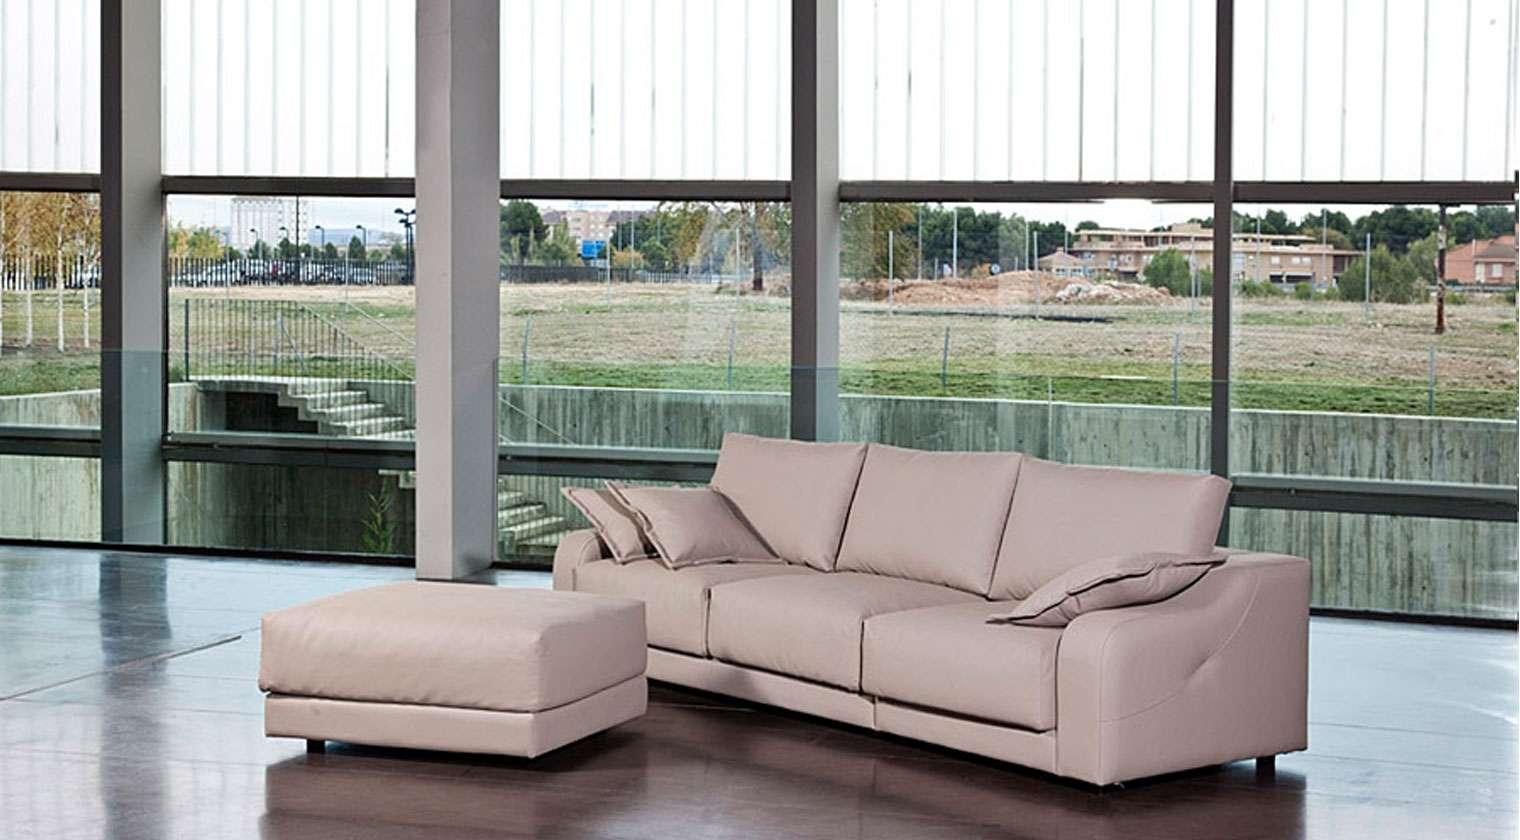 Sof tela venus sofas de tela - Telas para cubrir sofa ...